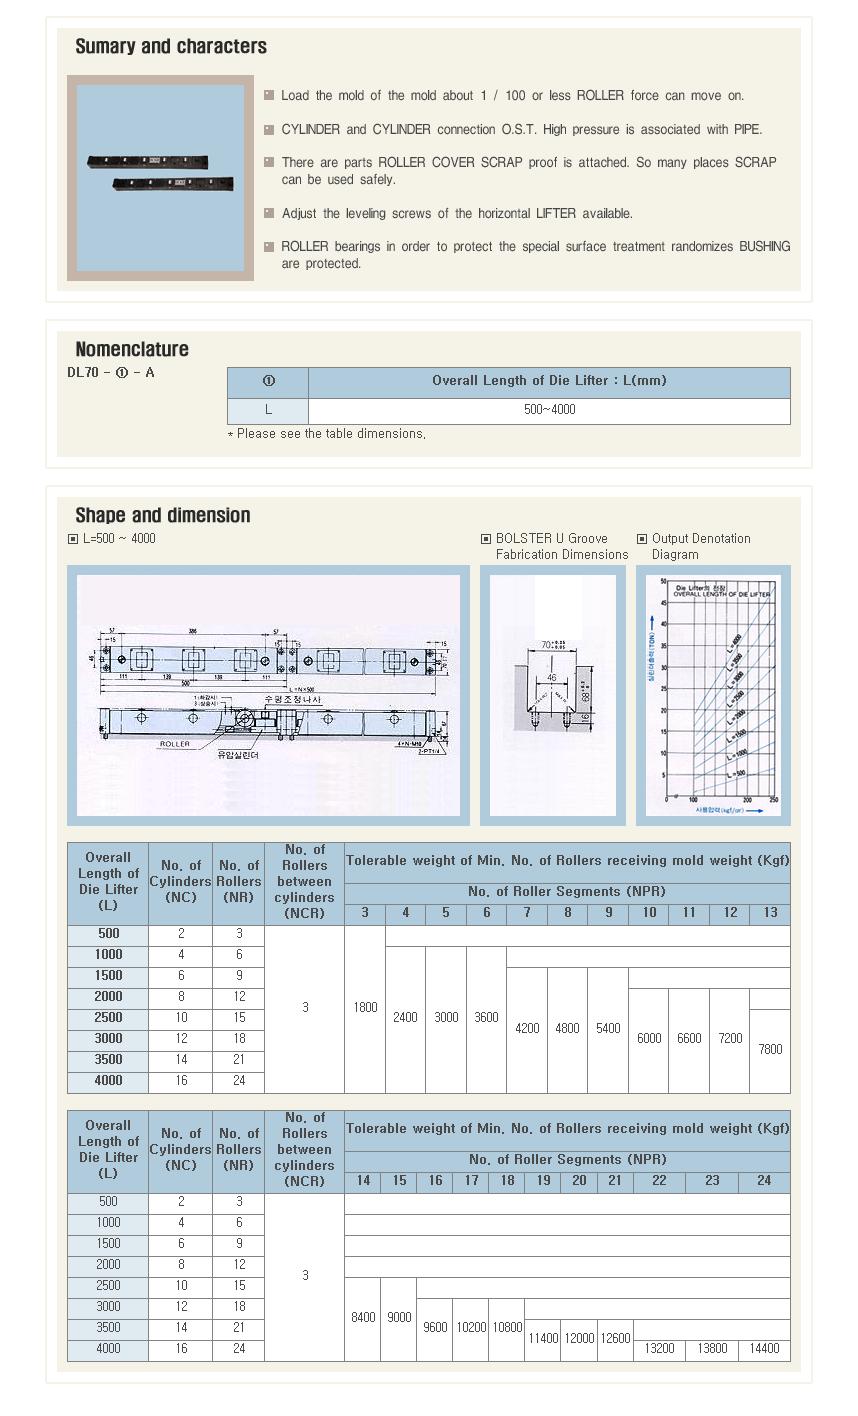 Taedo System Die Lifter DL-70